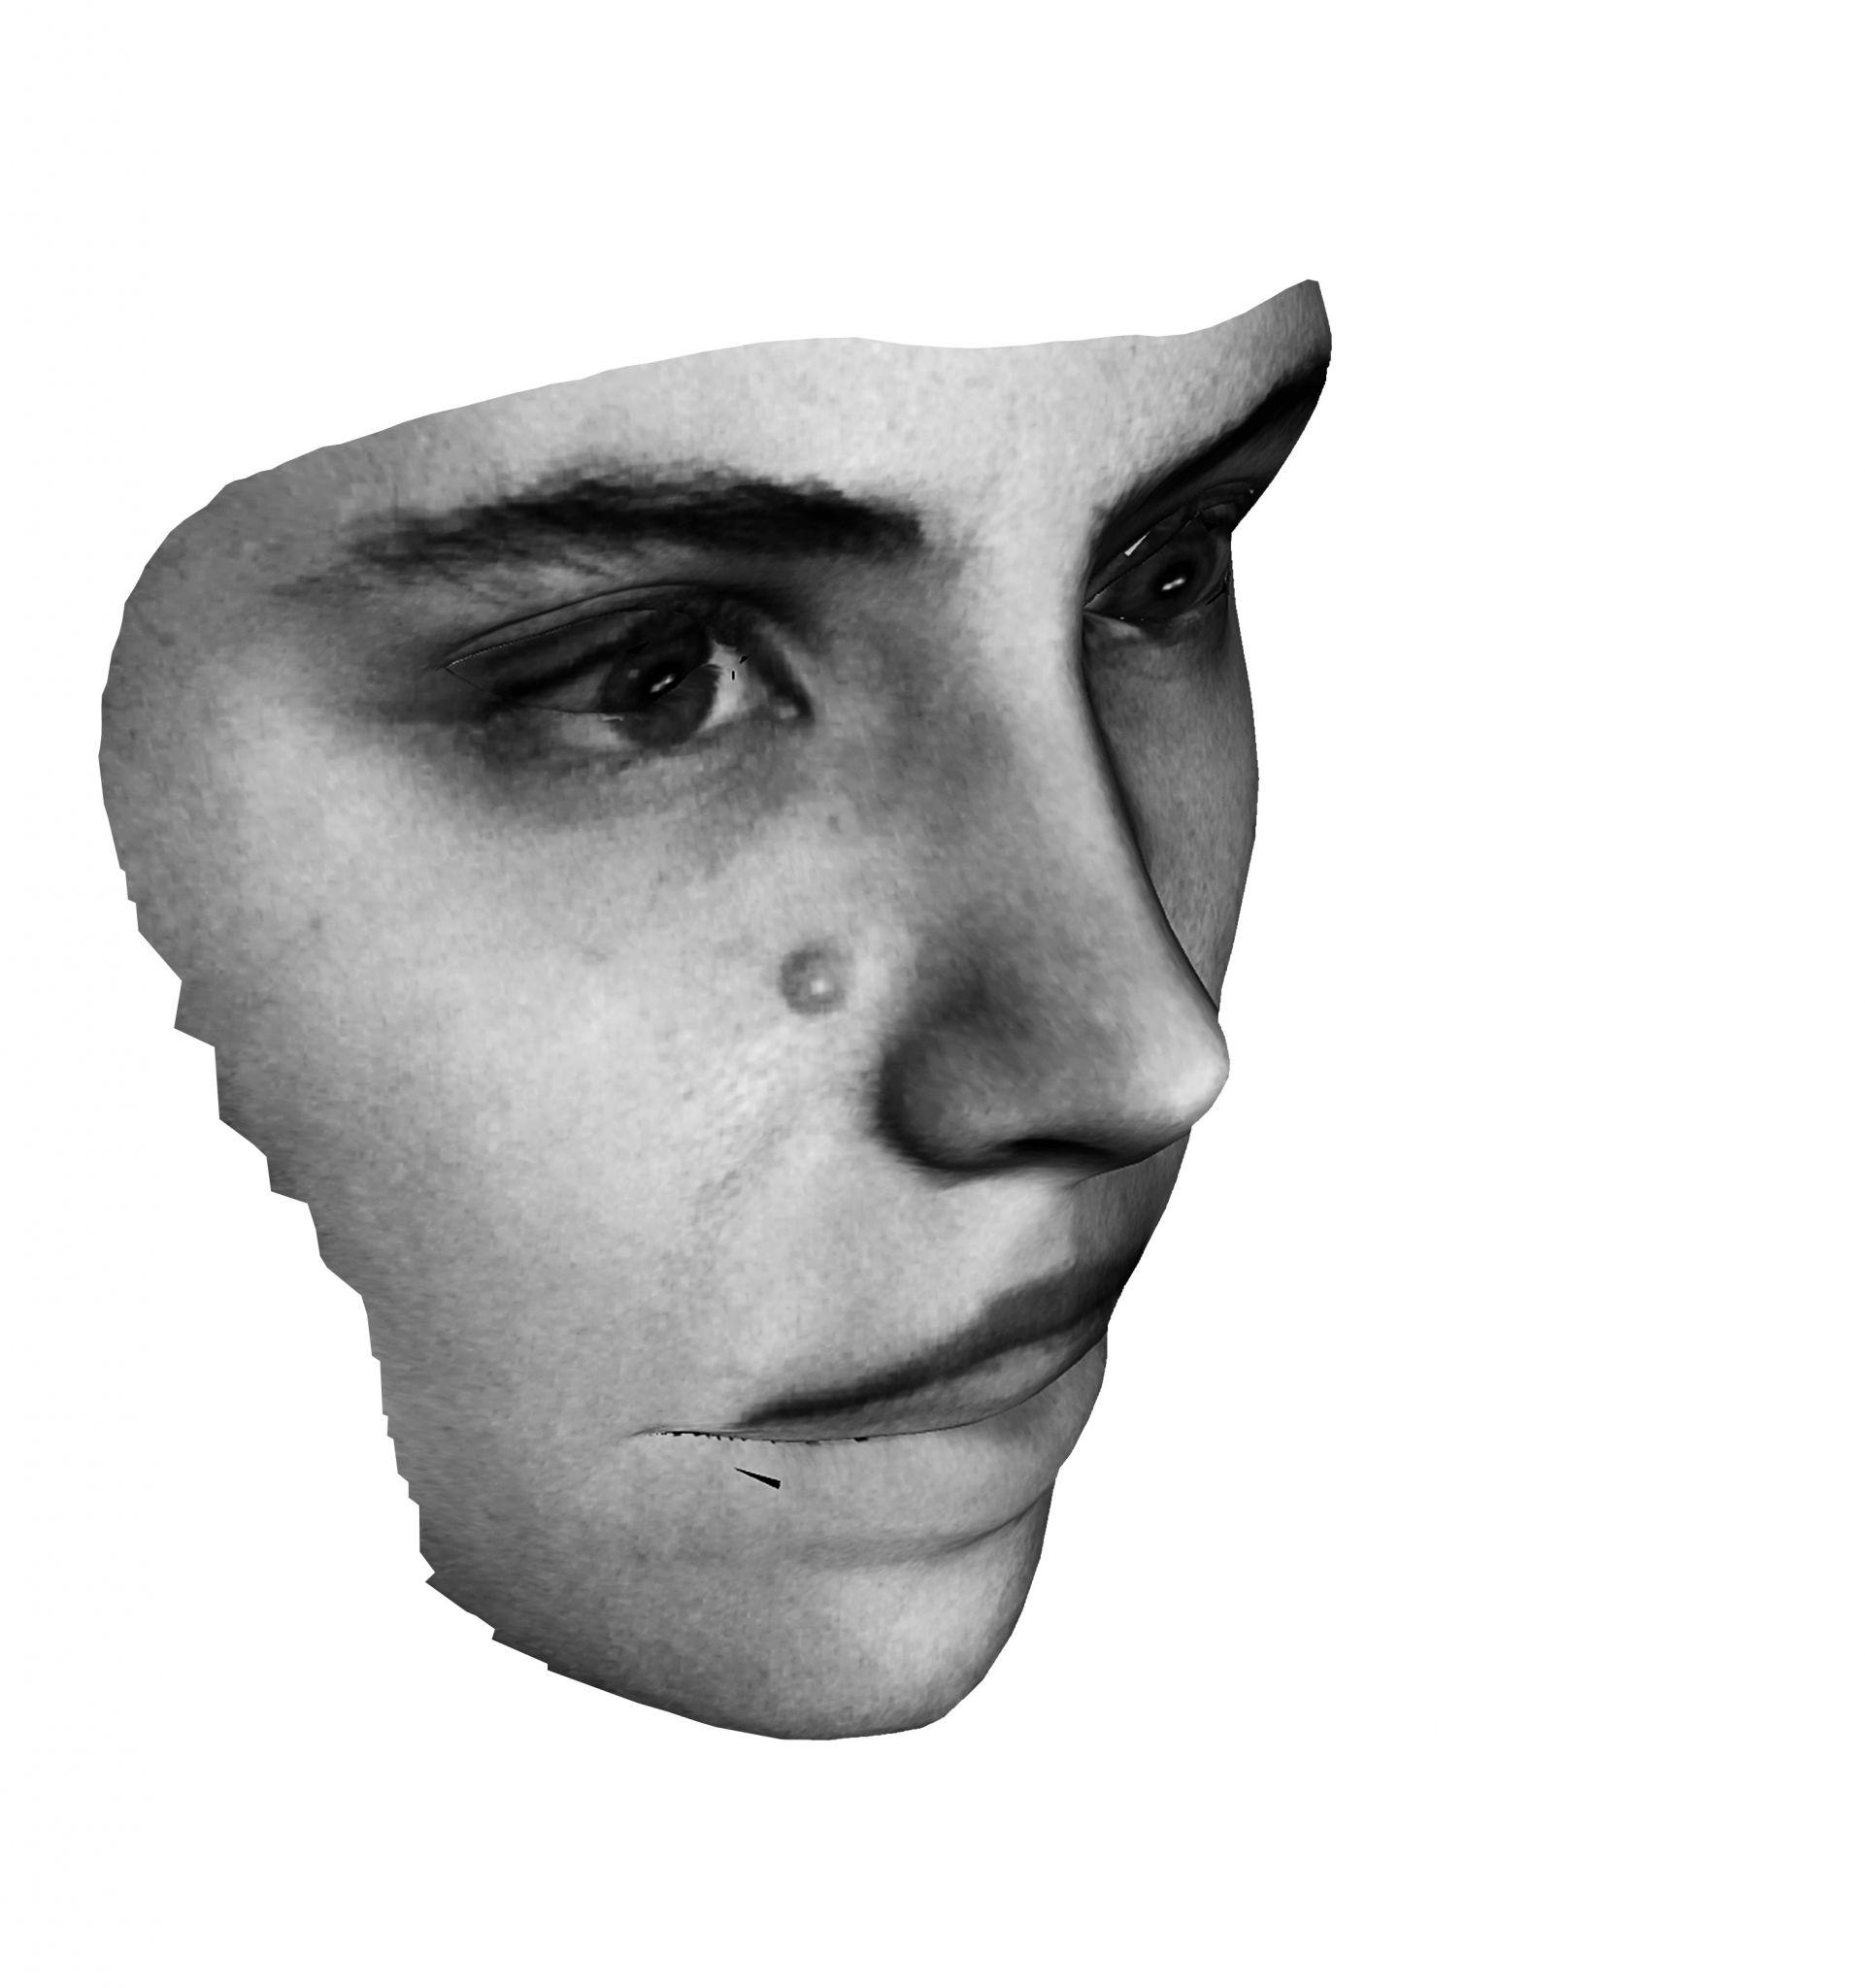 """Adam Broomberg e Oliver Chanarin, """"O revolucionário"""", da série """"O espírito é um osso"""", 2013. Cortesia dos artistas."""